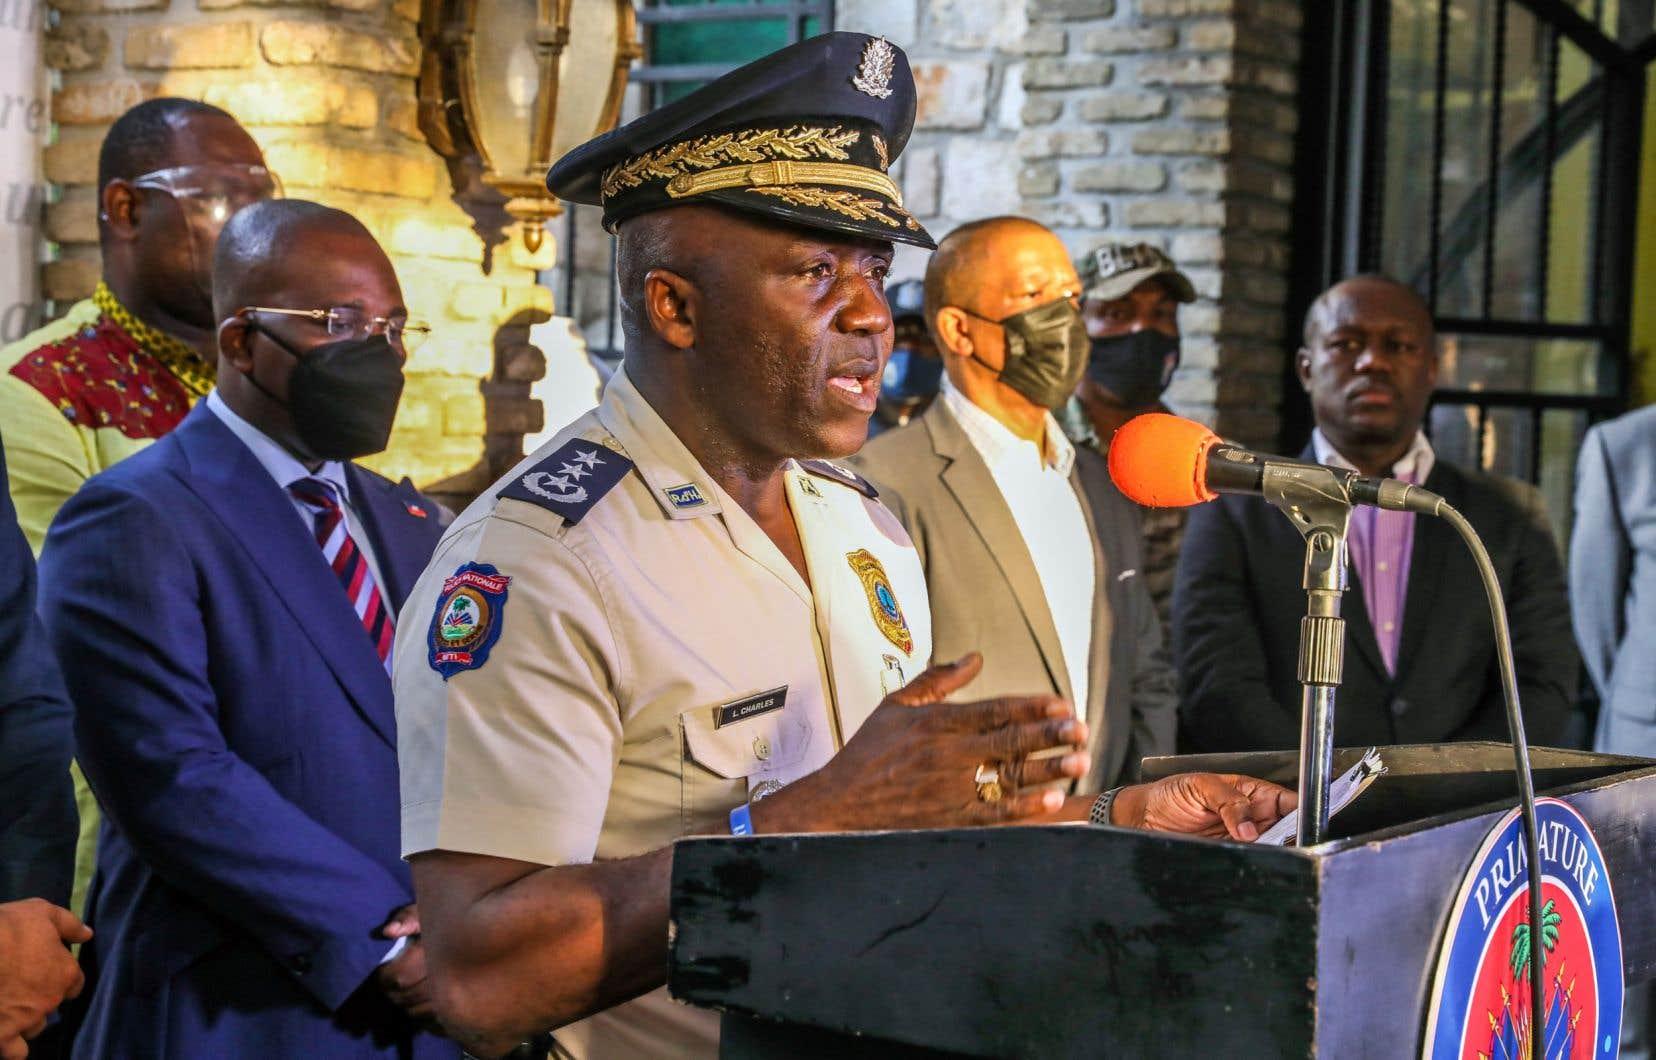 Les Colombiens étaient chargés d'assurer la sécurité de Christian Emmanuel Sanon, mais «la mission a ensuite changé», a indiquéLéon Charles, directeur de la police nationale haïtienne.